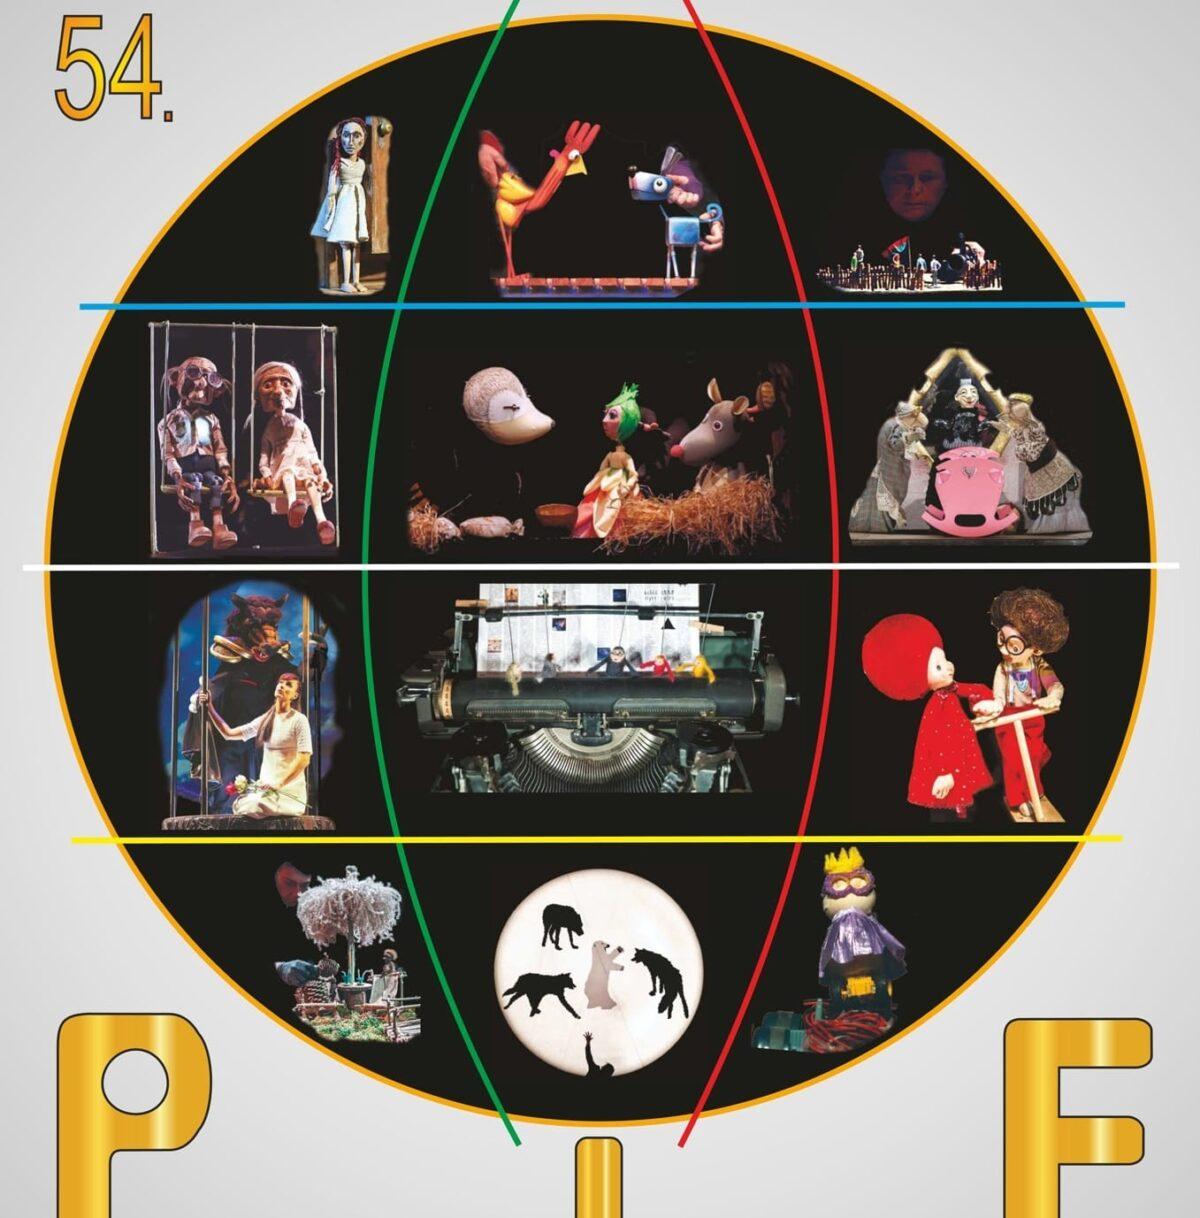 54. PIF, plakat